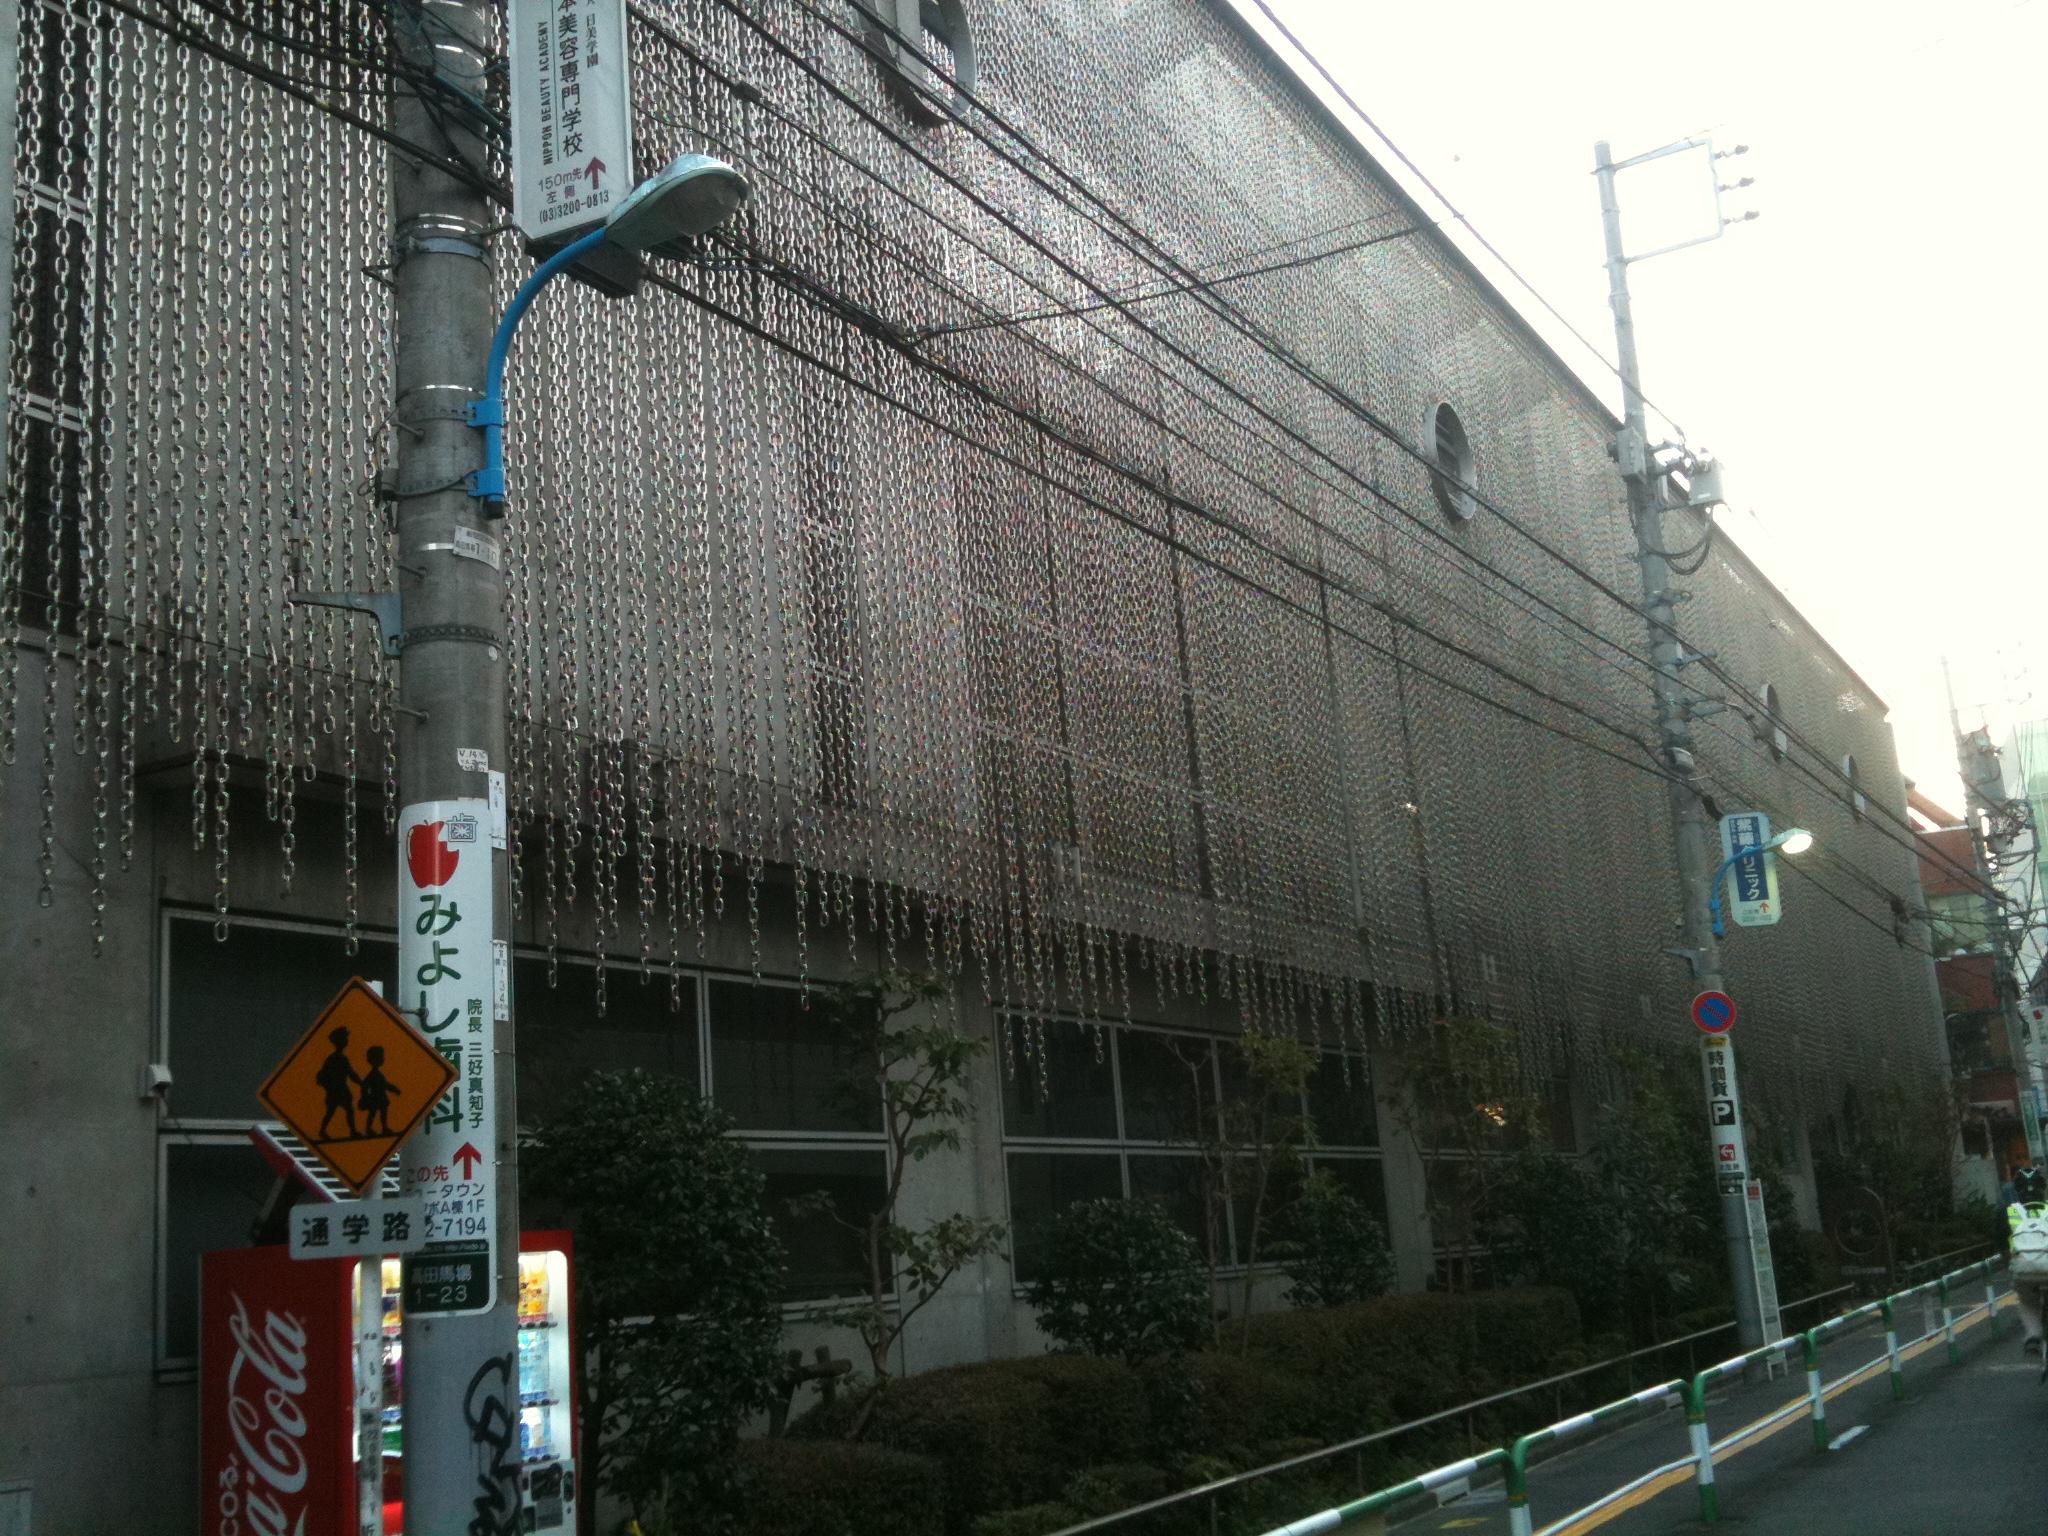 Edificio con cadenas